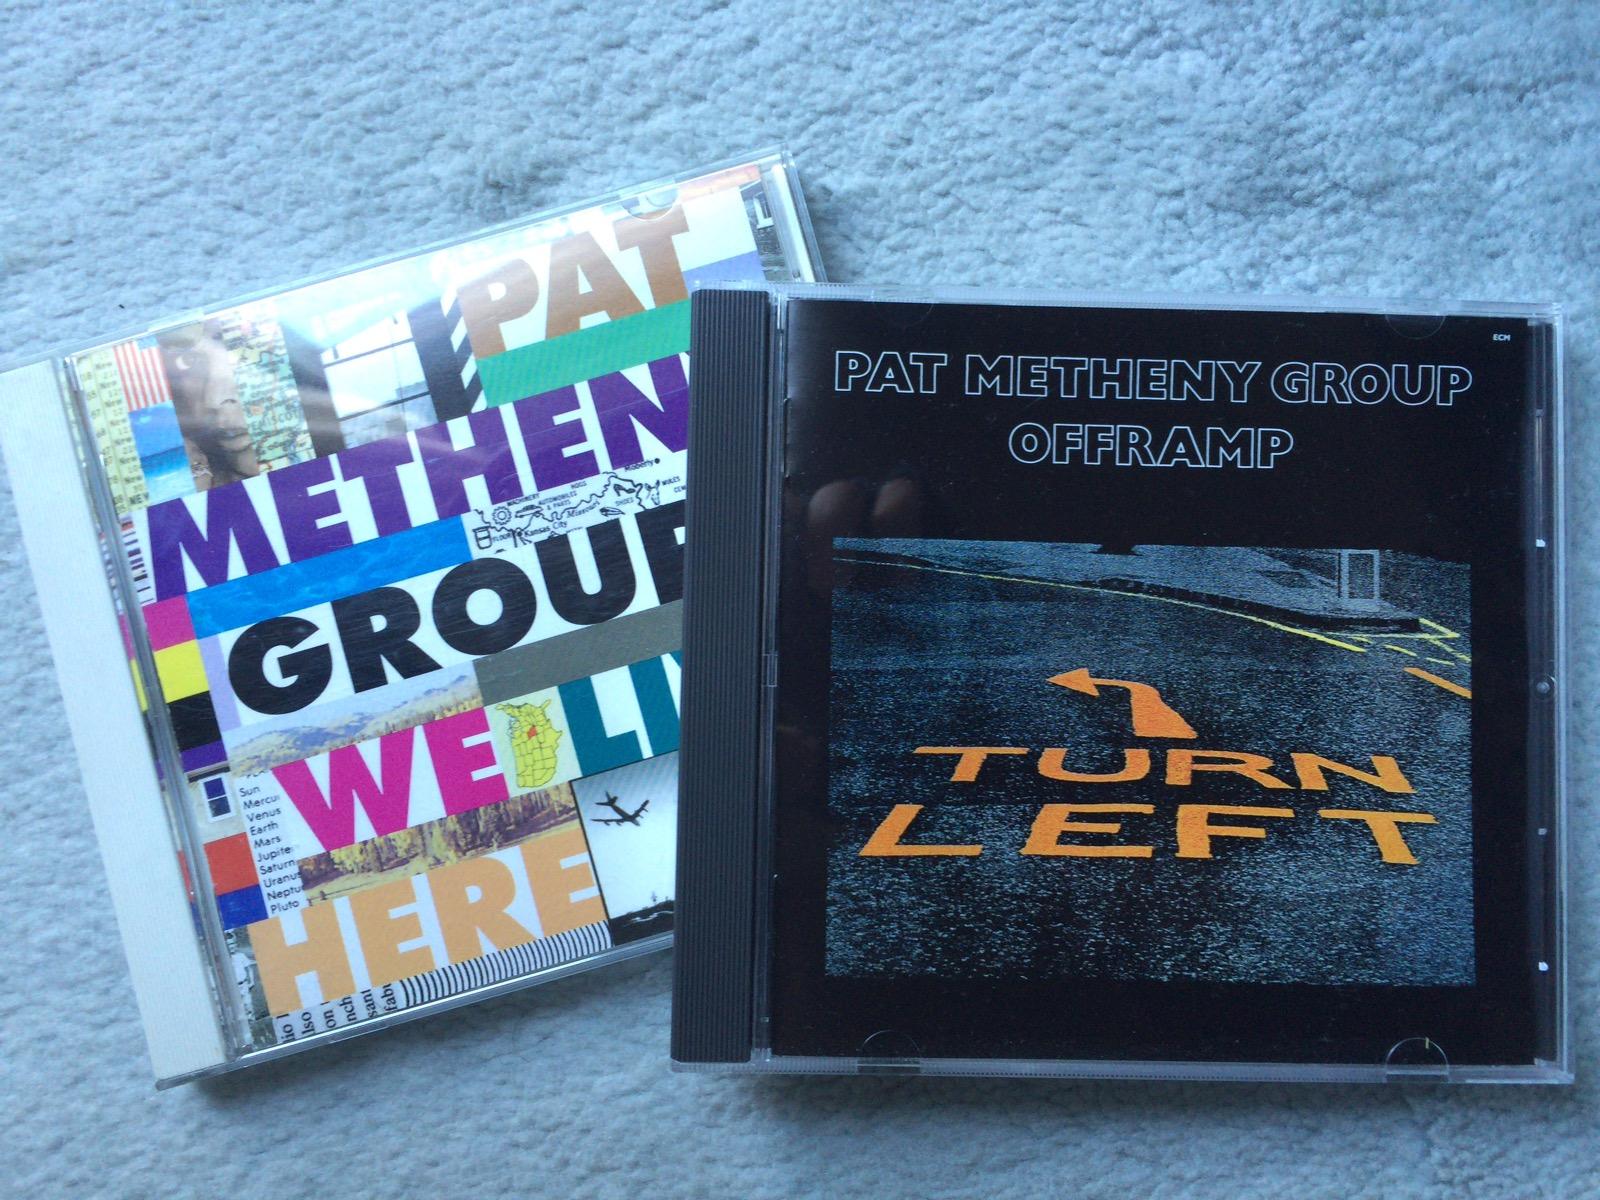 アイキャッチ - Pat Metheny GroupのJazzがノイズを避けたい時に聞くと心地よく感じる今日この頃 [MusicLog::Vol.89]アイキャッチ - Pat Metheny GroupのJazzがノイズを避けたい時に聞くと心地よく感じる今日この頃 [MusicLog::Vol.89]